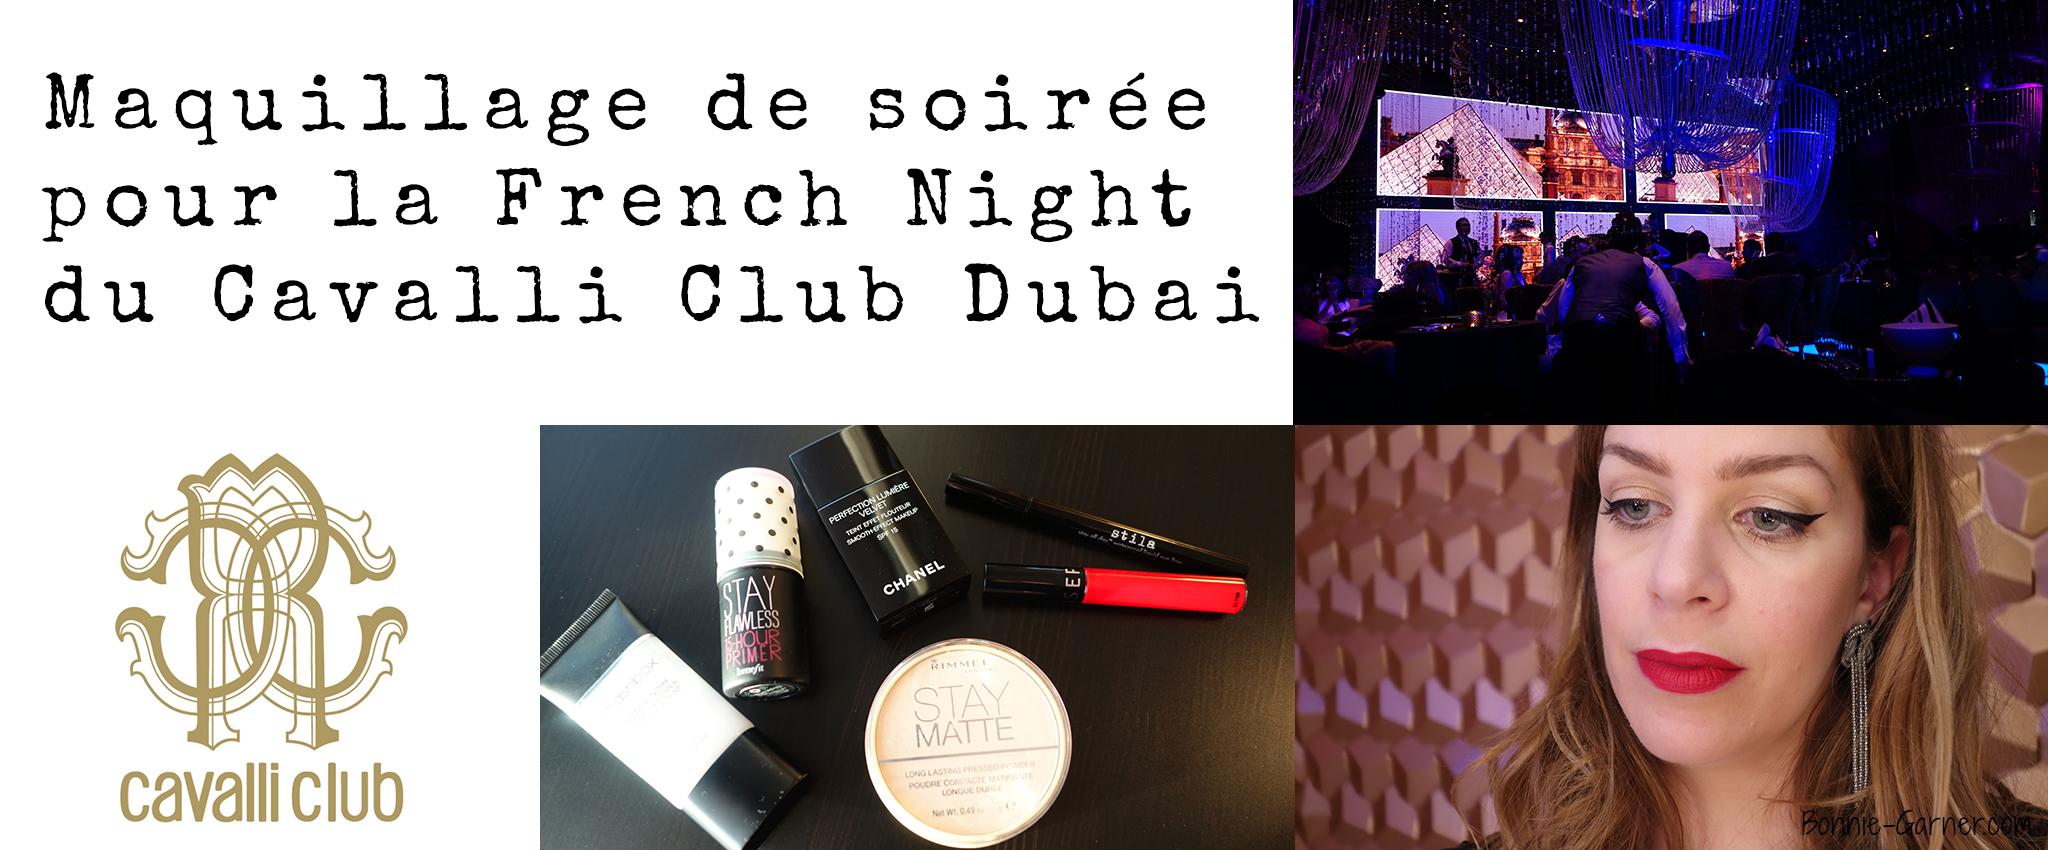 Maquillage de soirée pour la French Night du Cavalli Club Dubai